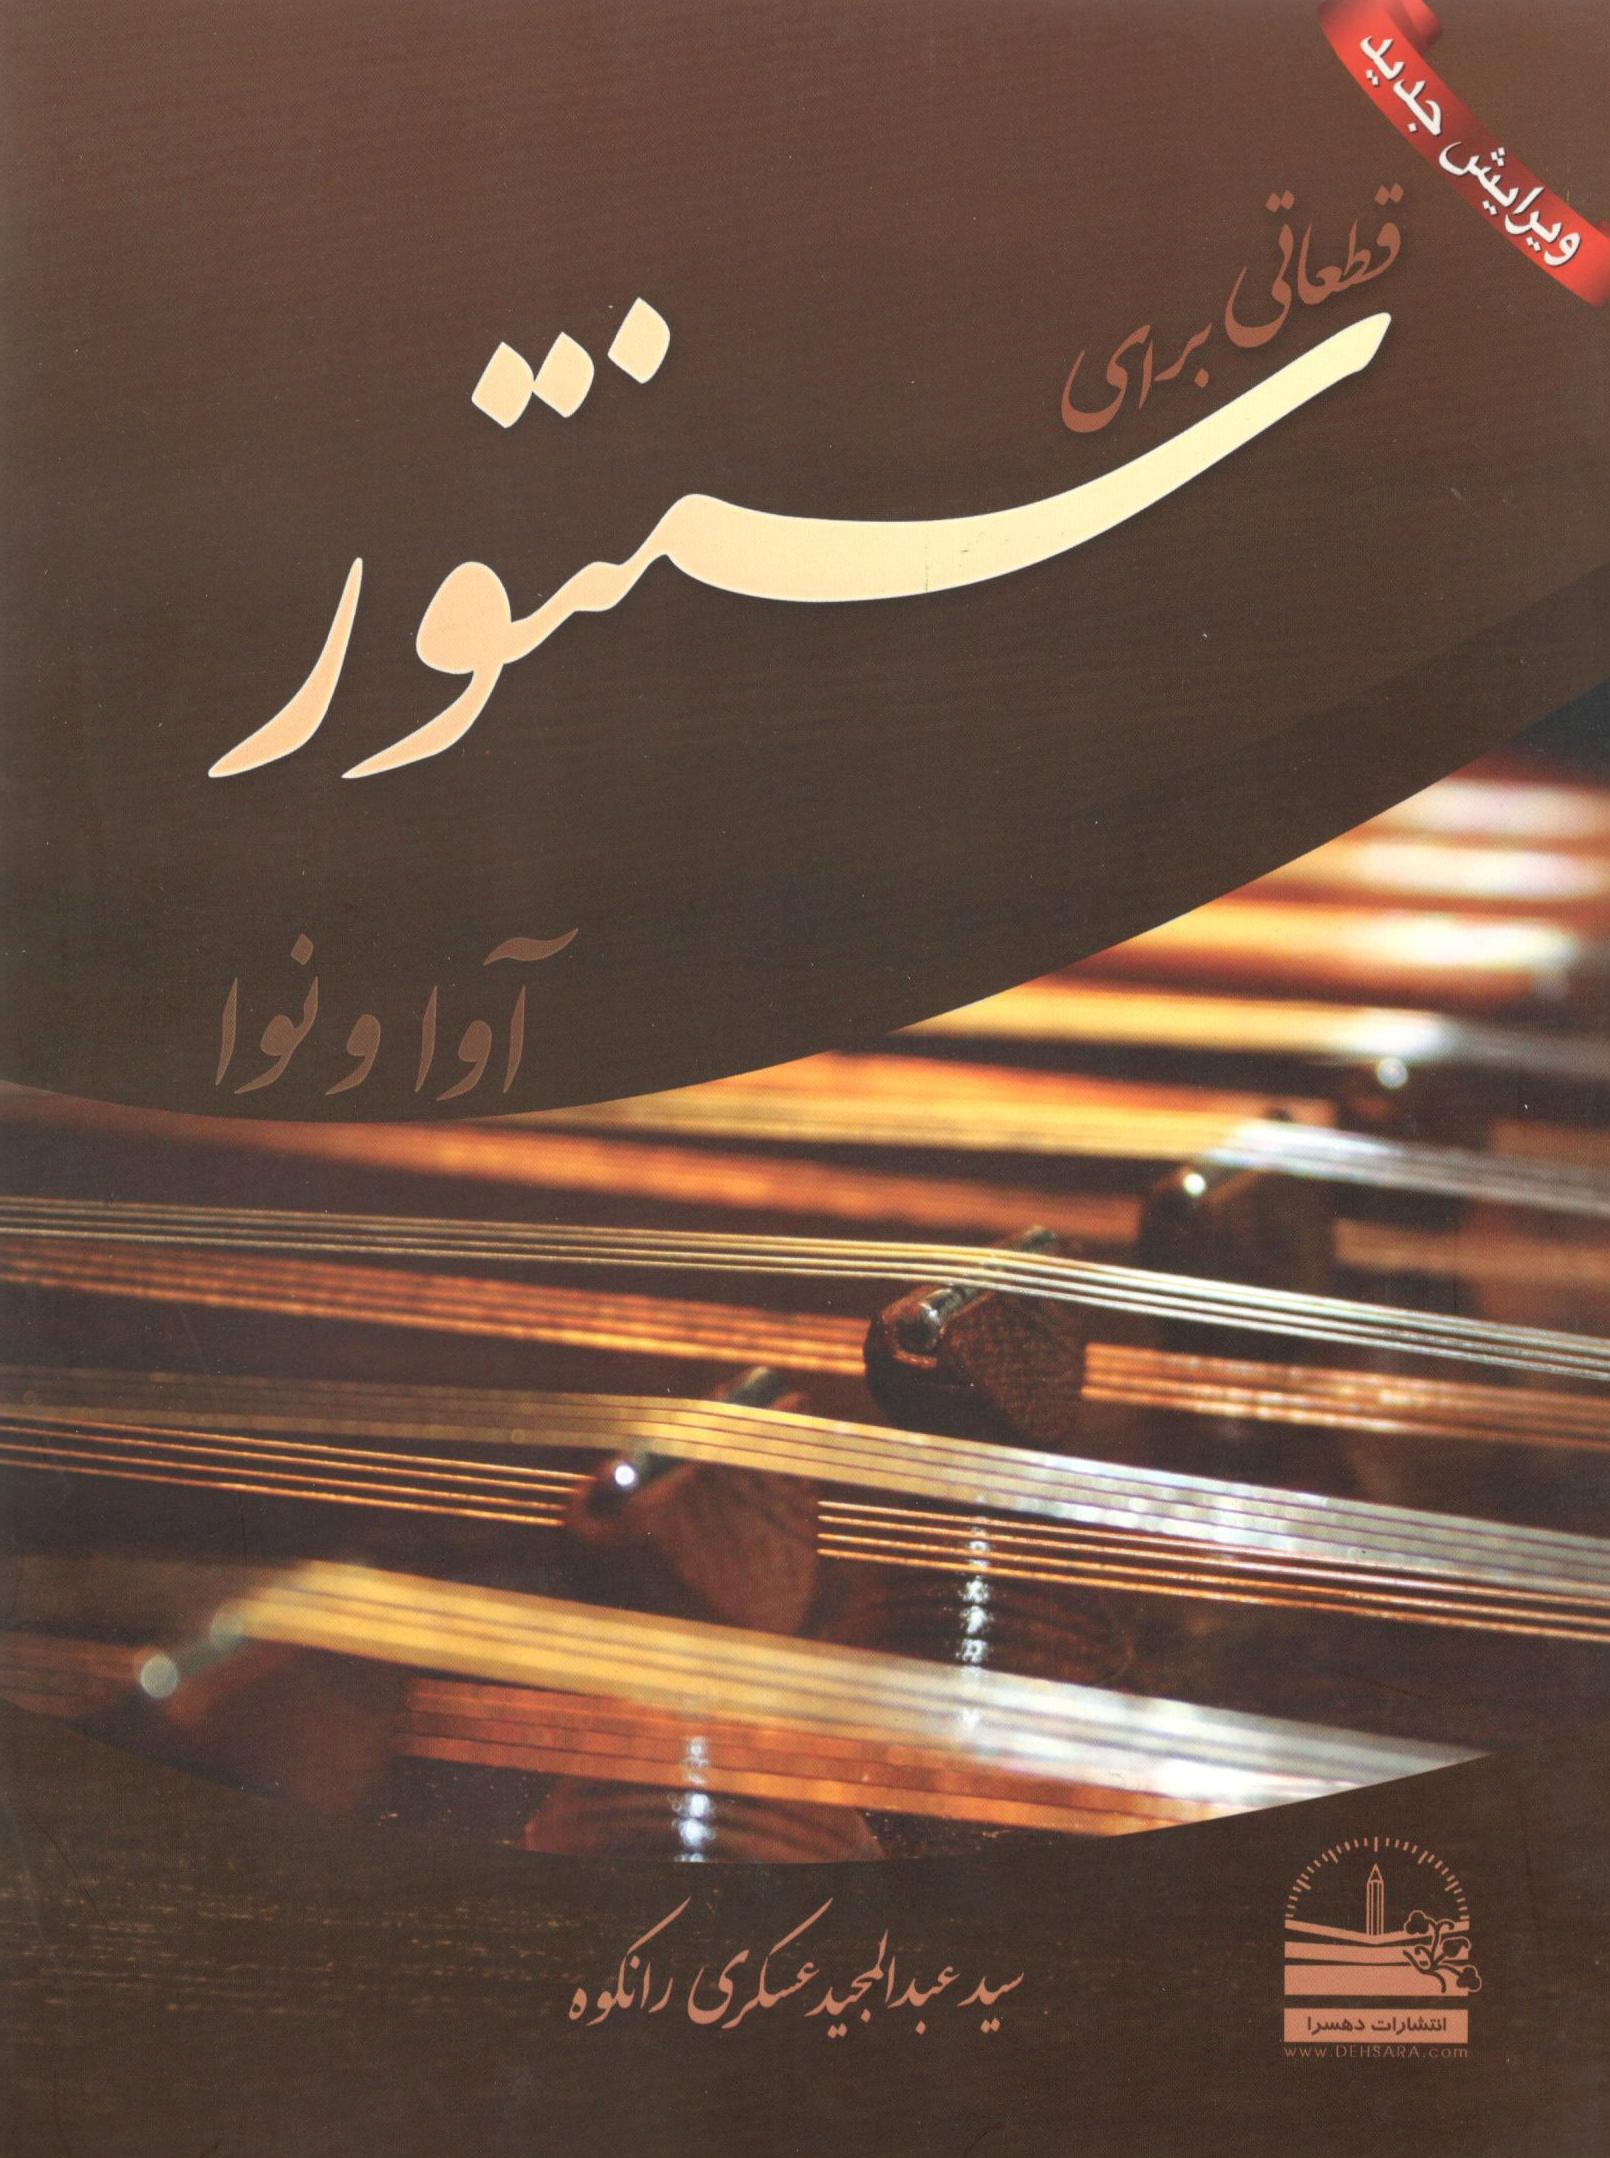 قطعاتی برای سنتور سید عبدالمجید عسکری رانکوه